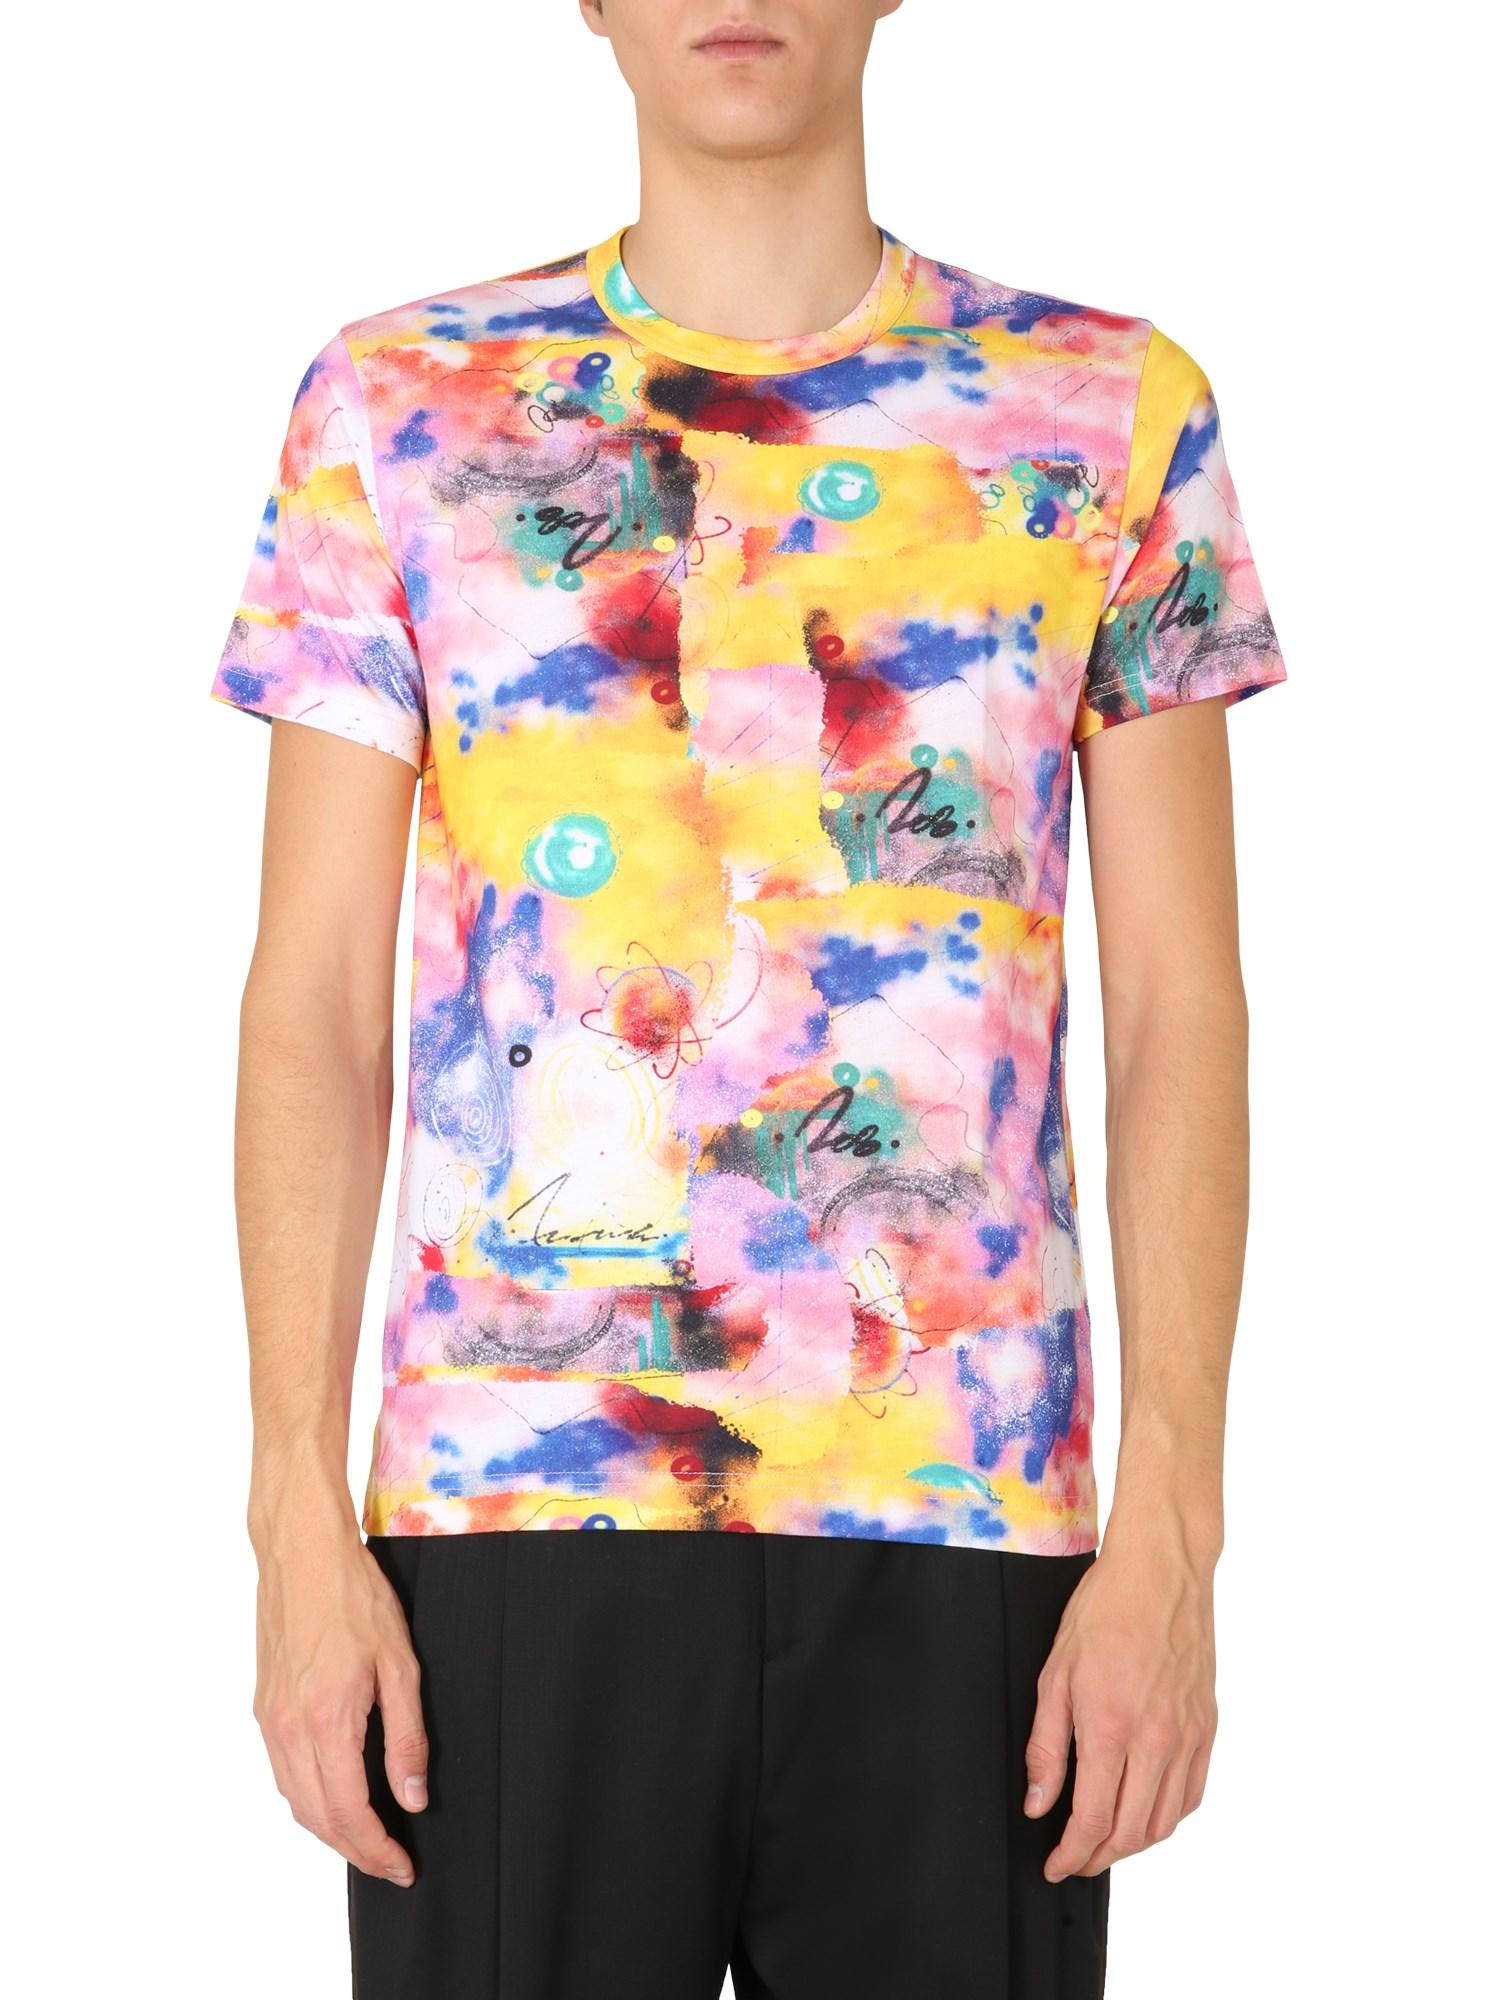 comme des garcons shirt crew neck t-shirt